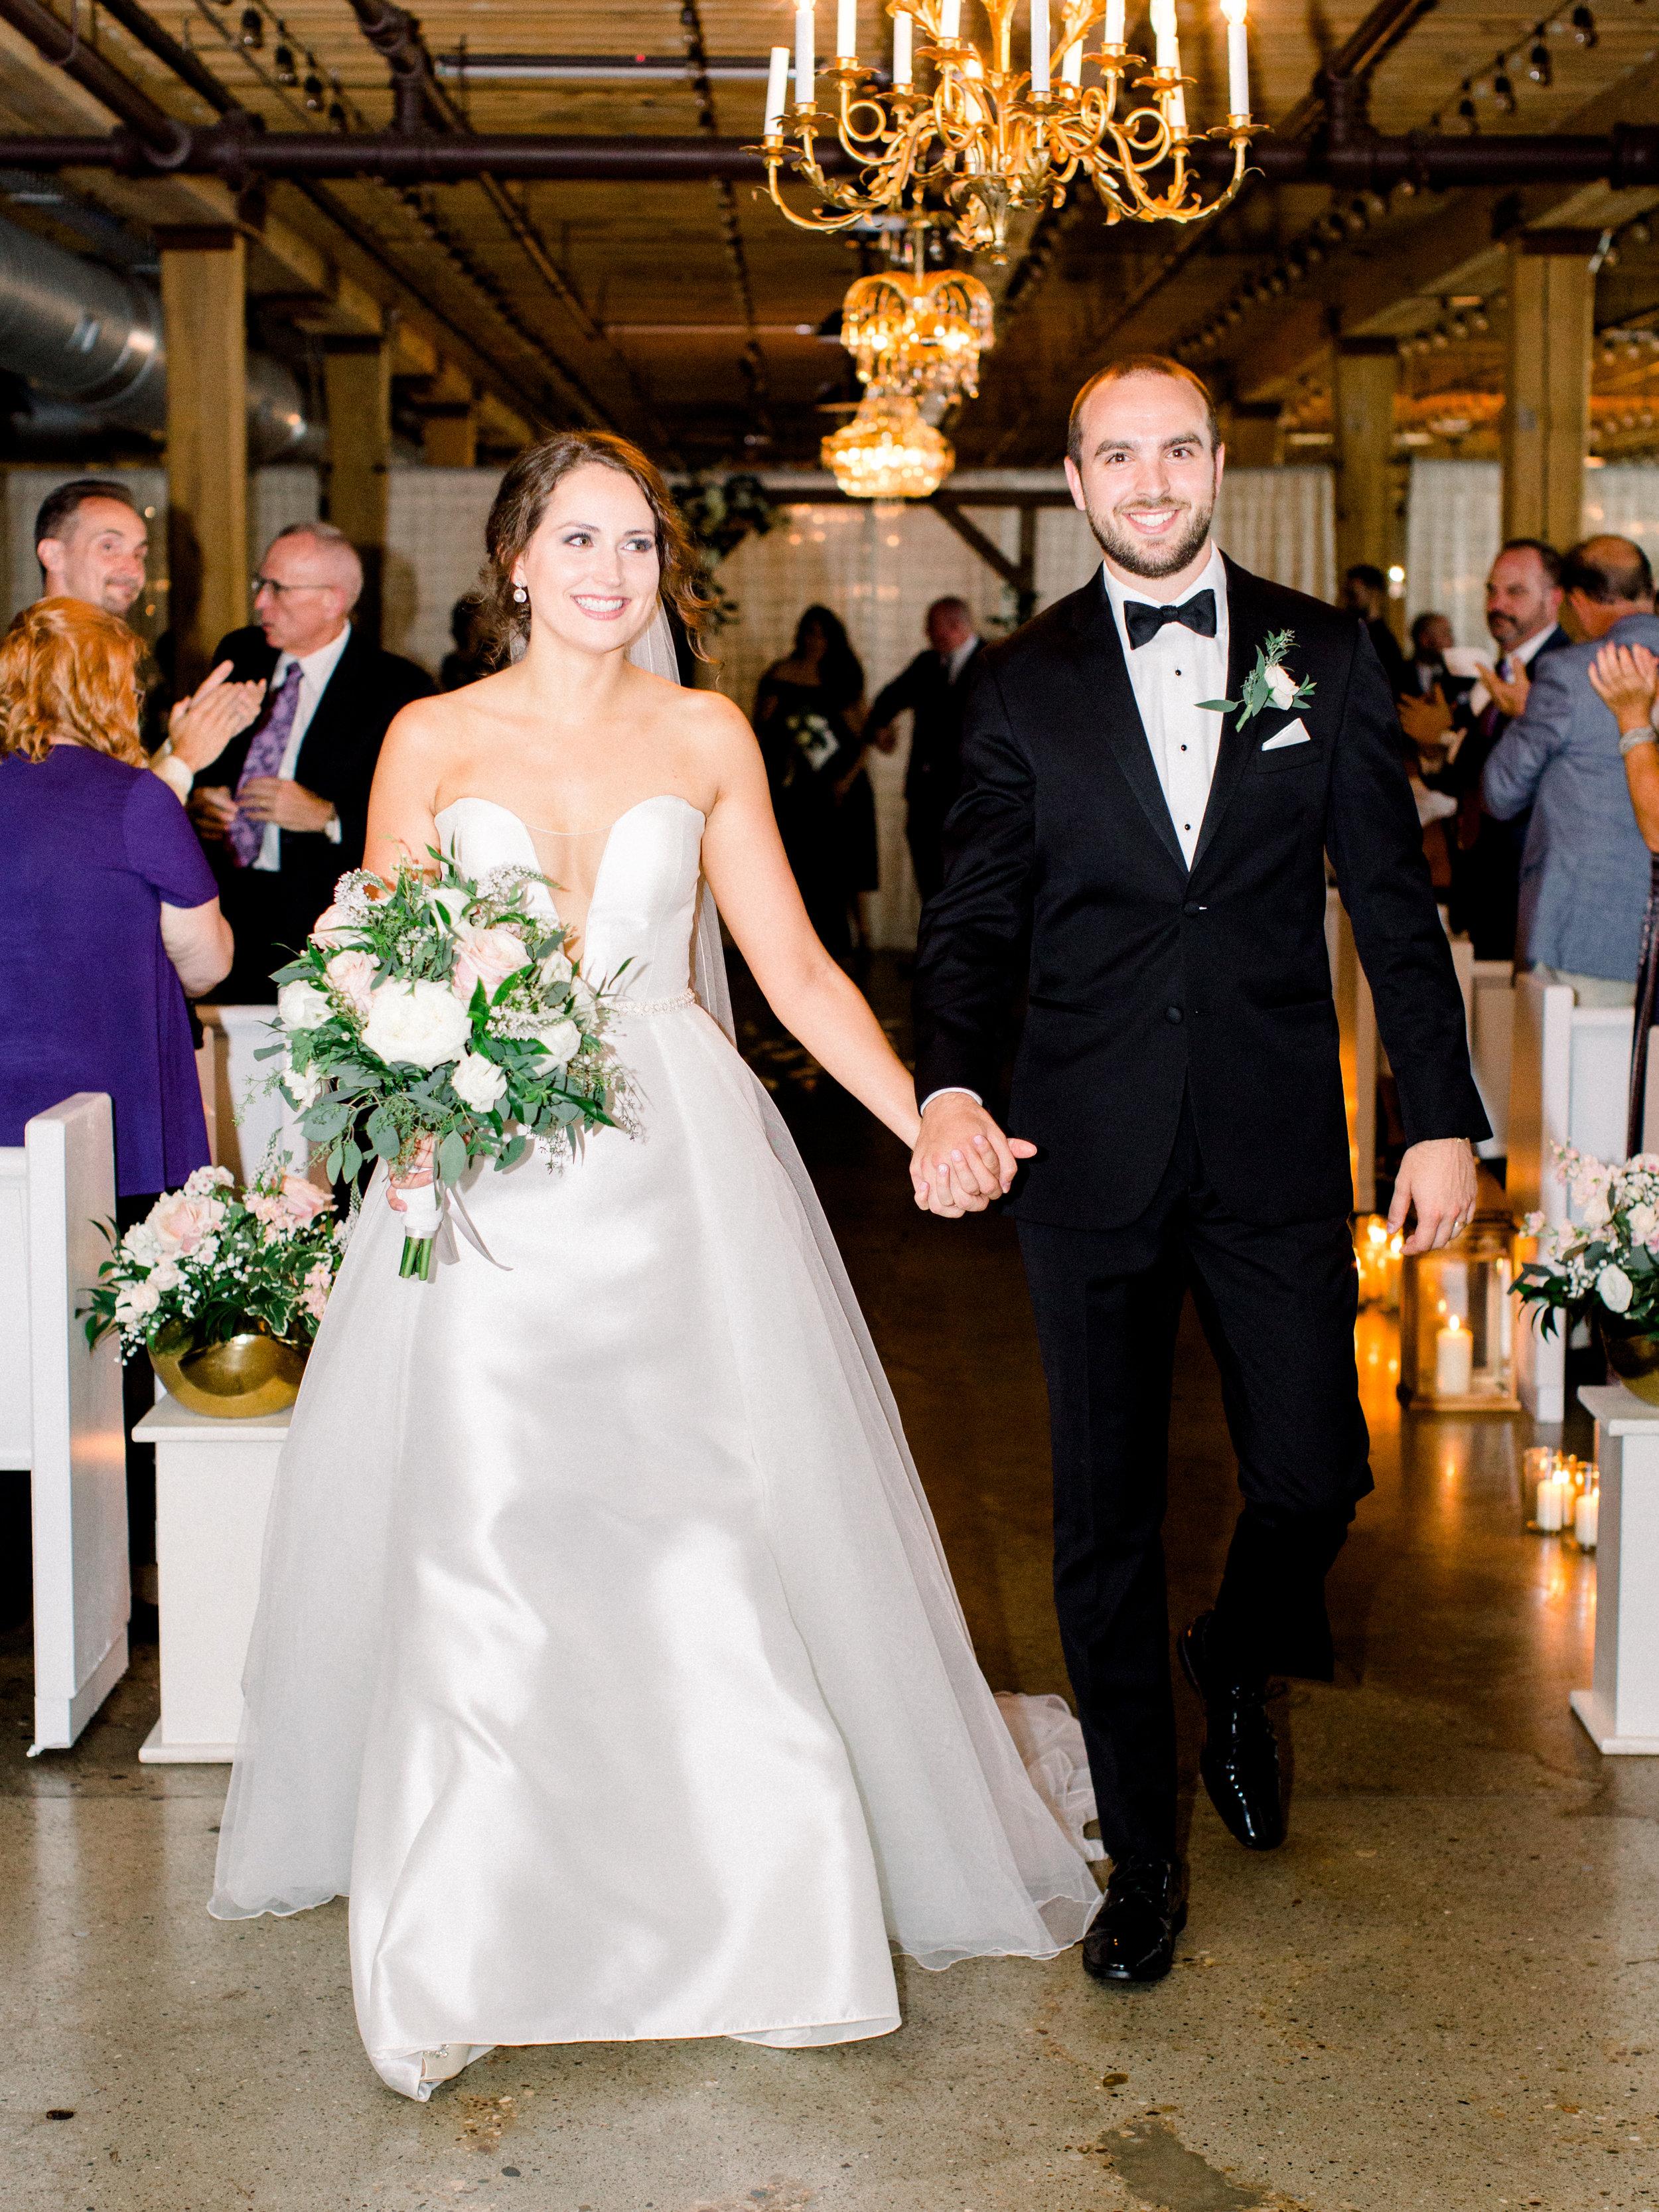 Steiner+Wedding+Ceremony-174.jpg